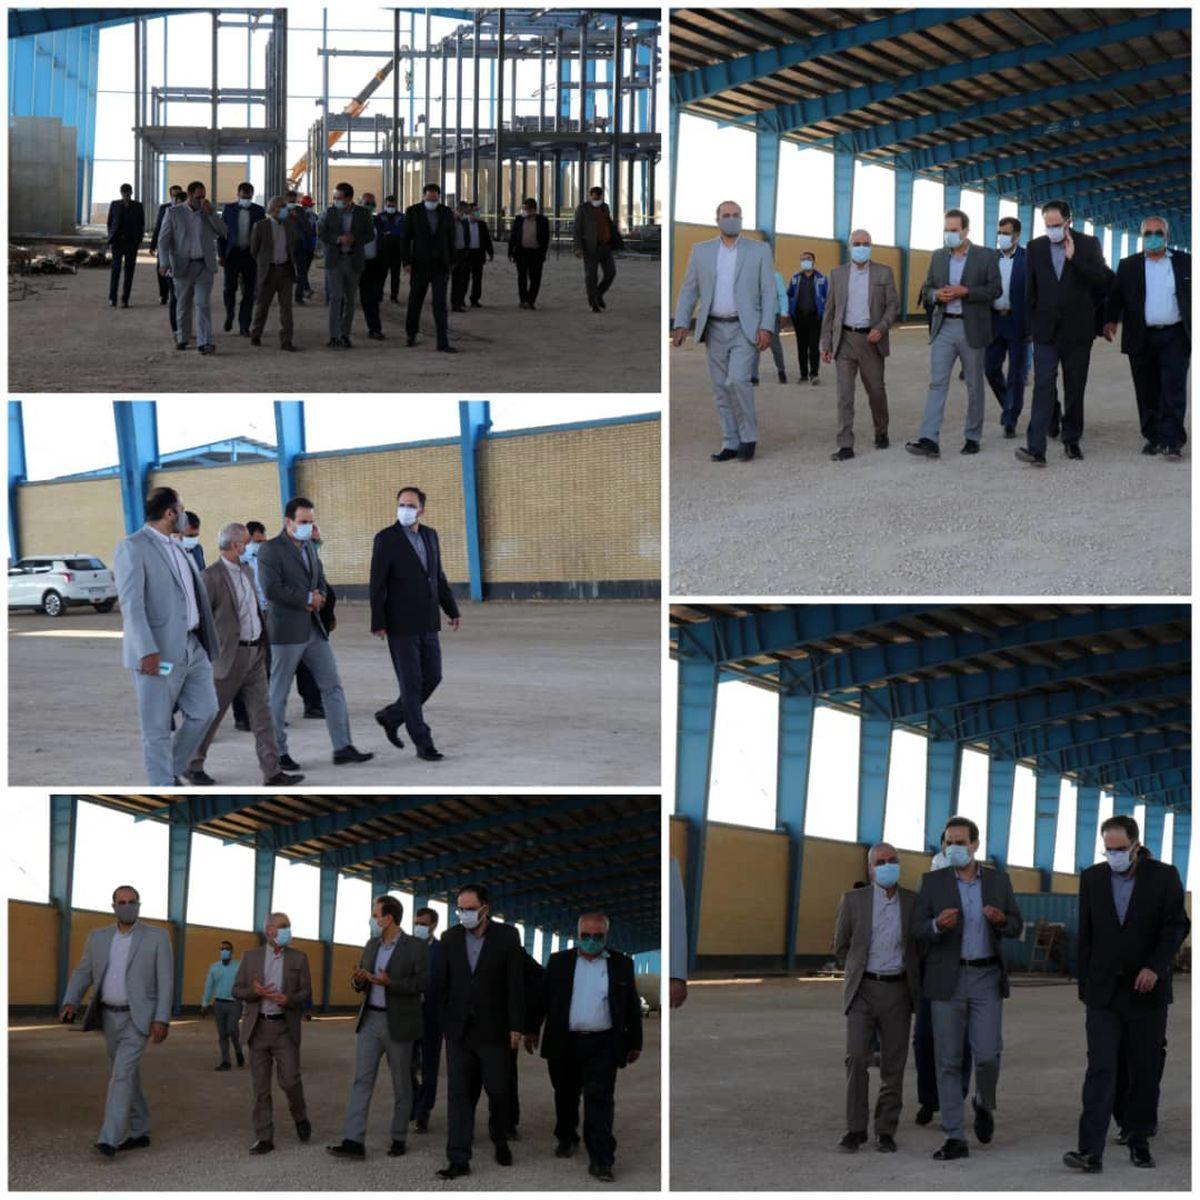 بازدید سرپرست حراست شستا و صدر تامین از پروژه انتقال شرکت پشم شیشه ایران